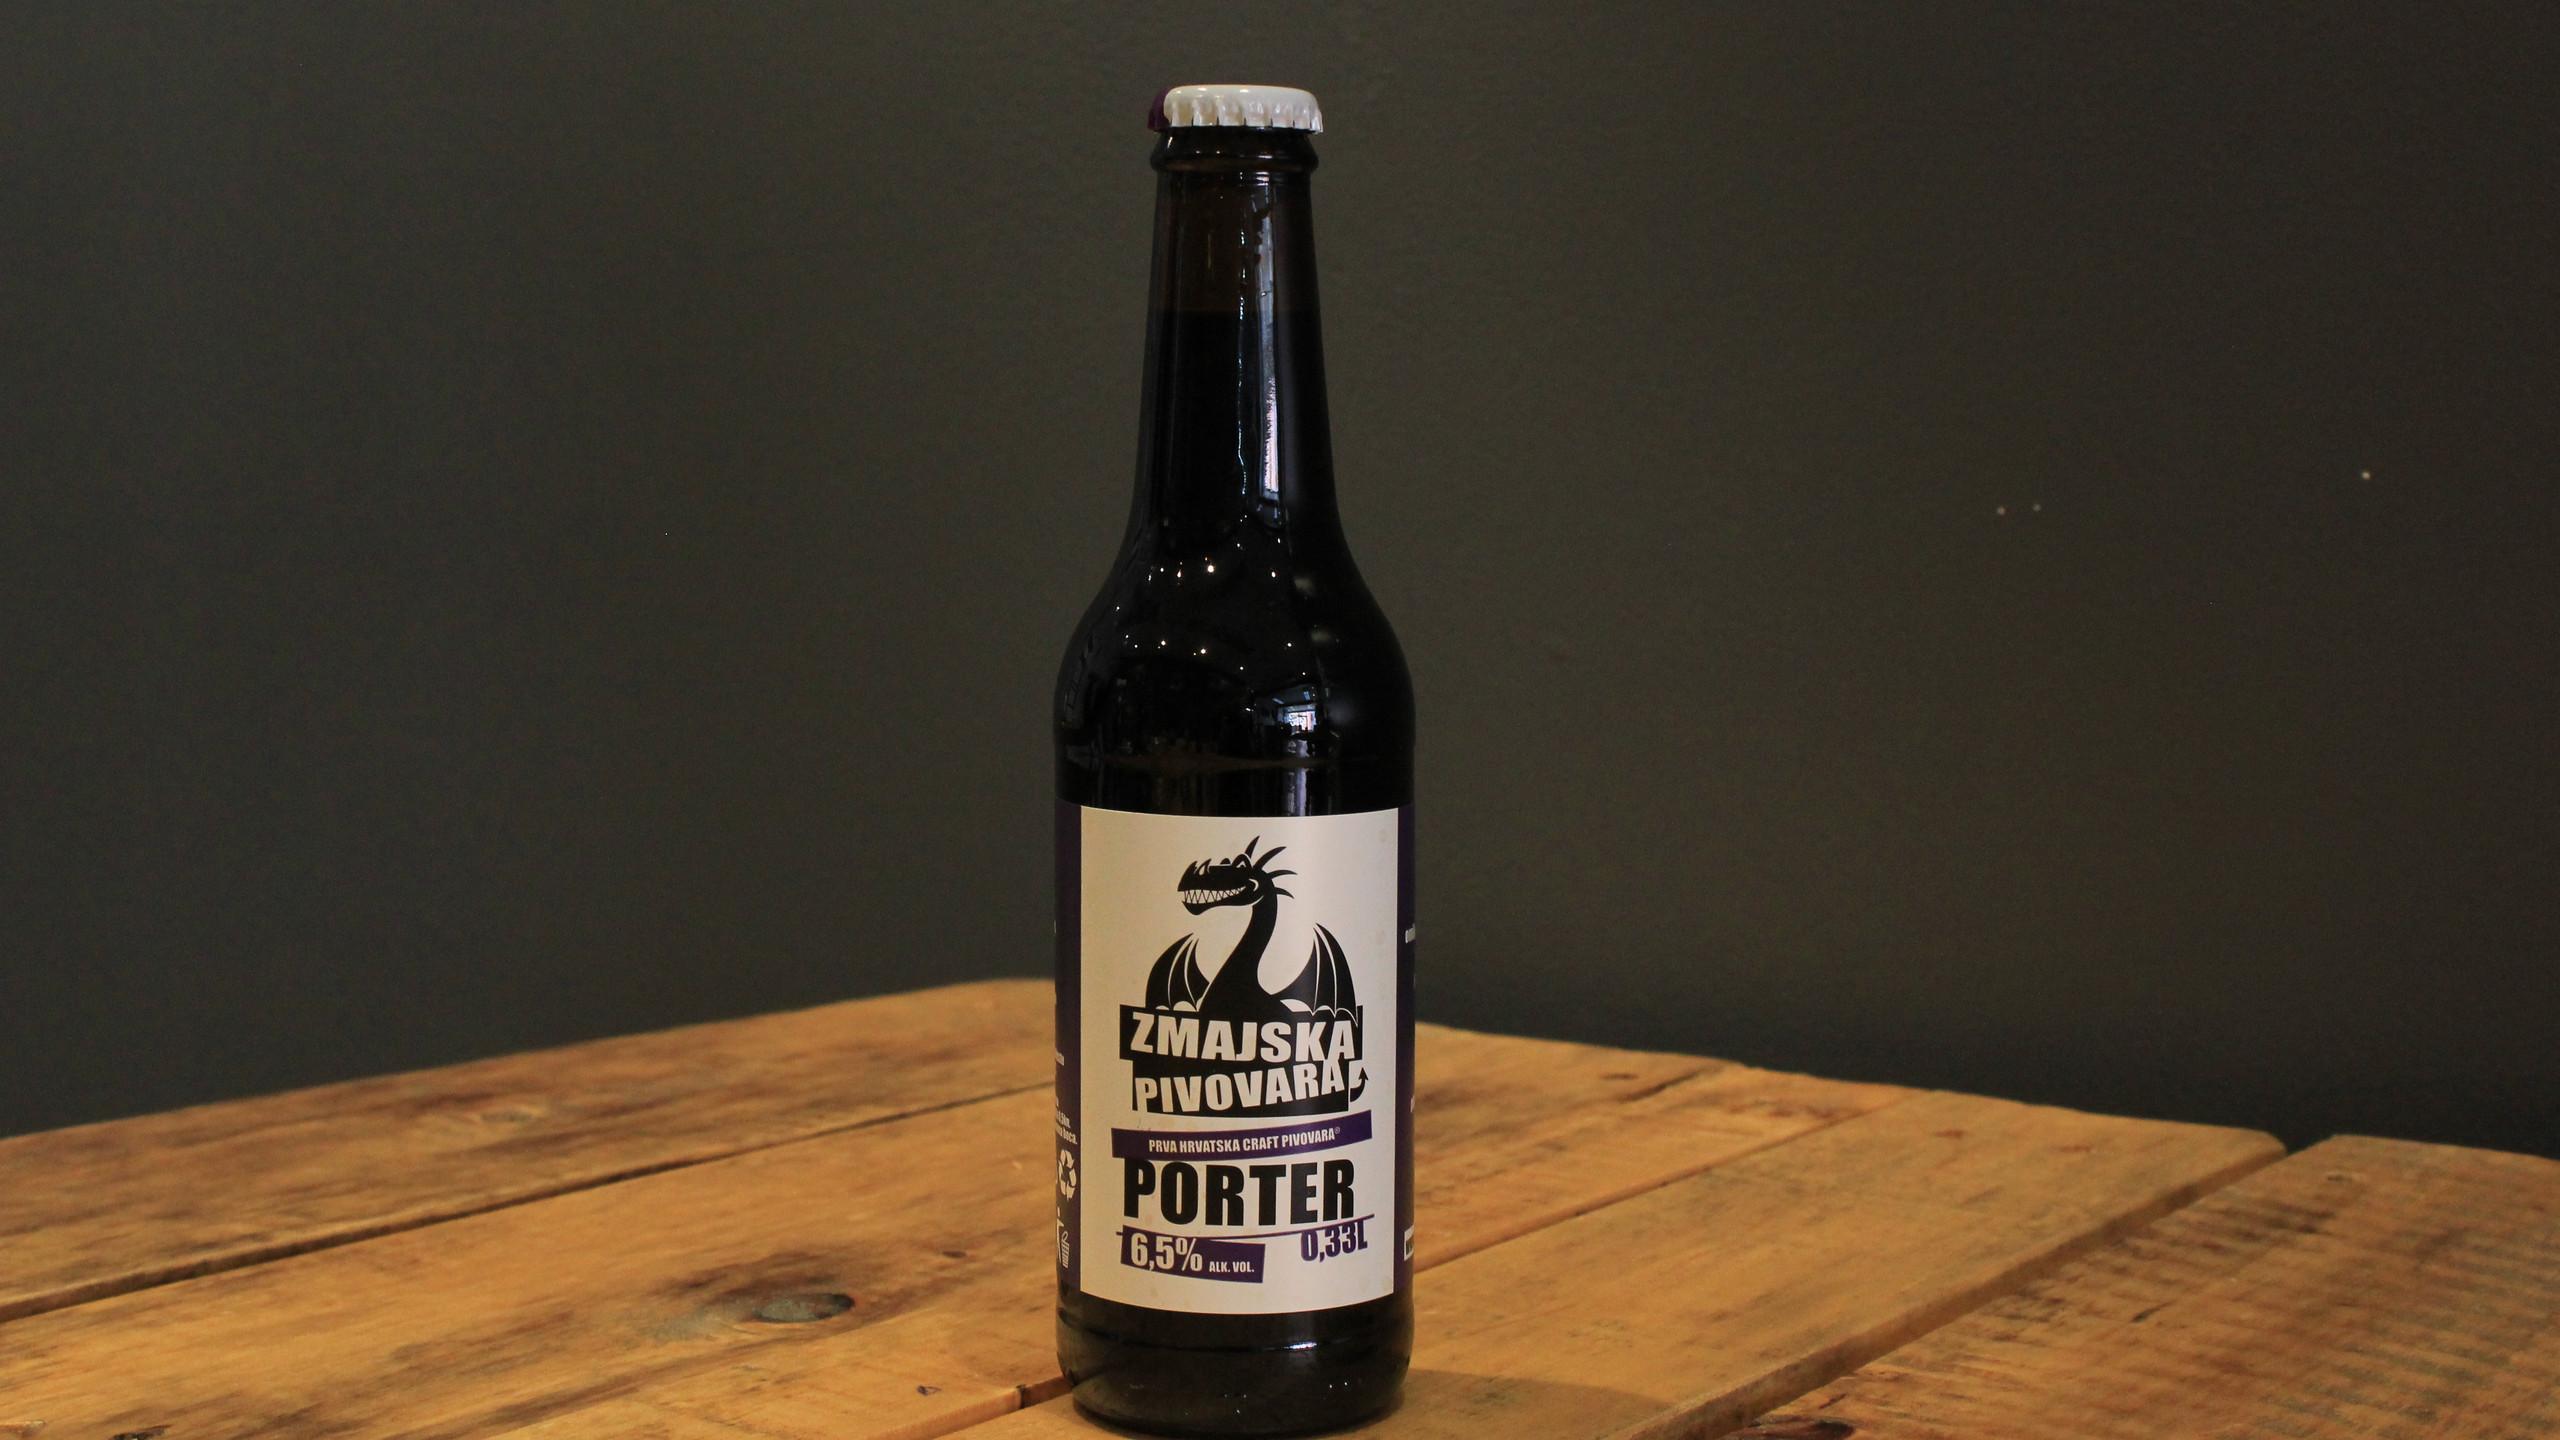 Beer #5: Zmajska Pivovaria - Porter